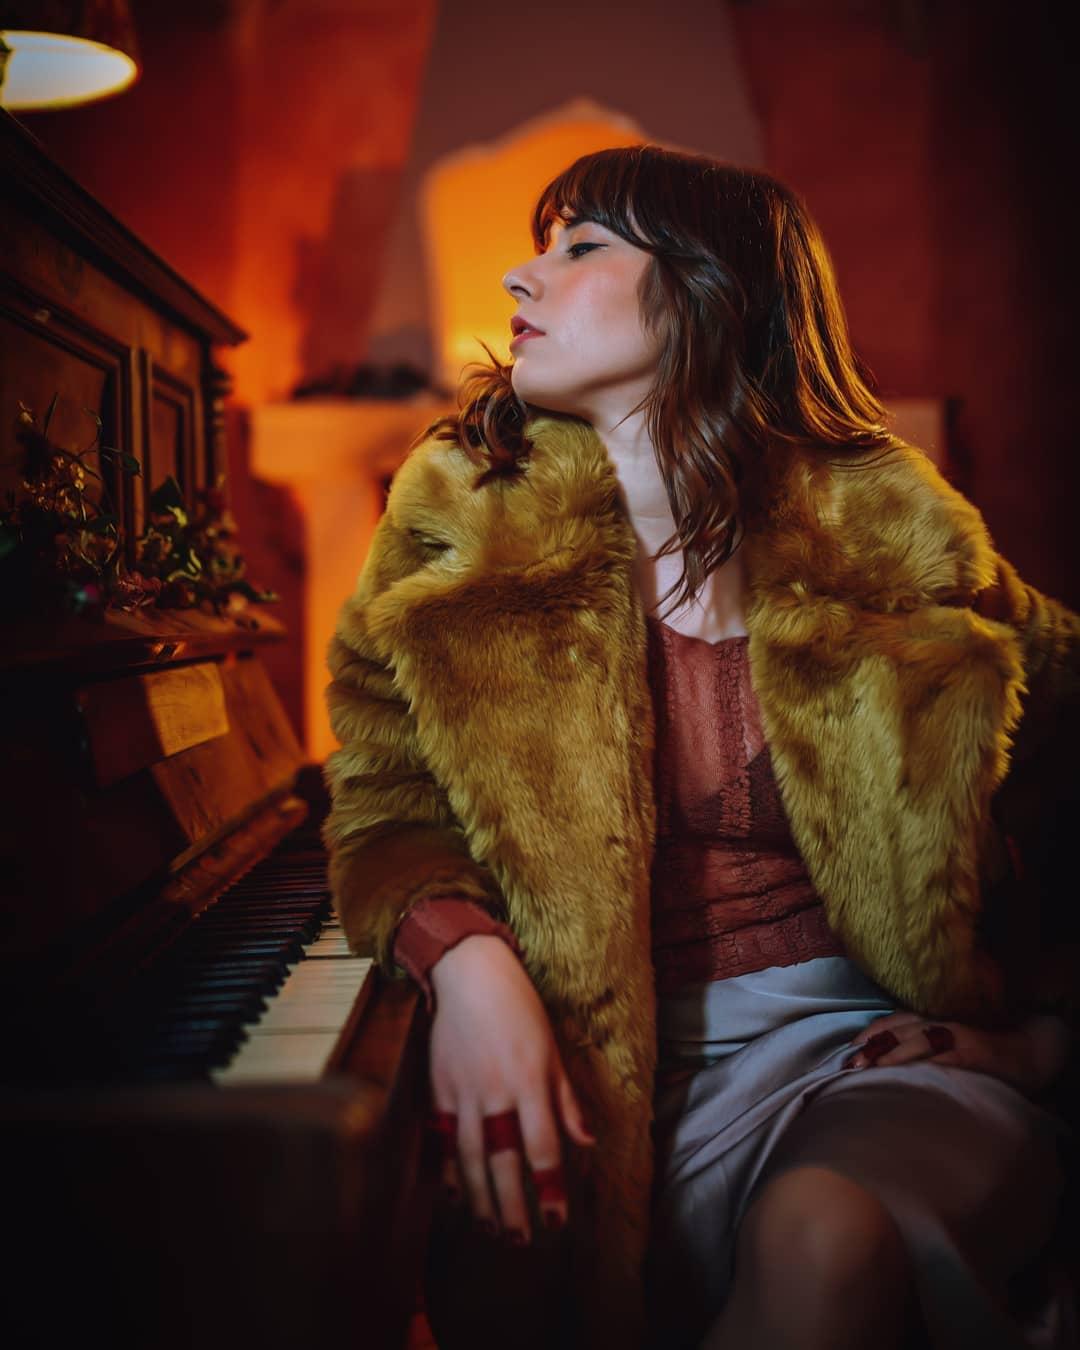 La Herida primer adelanto del próximo disco de Chloé Bird